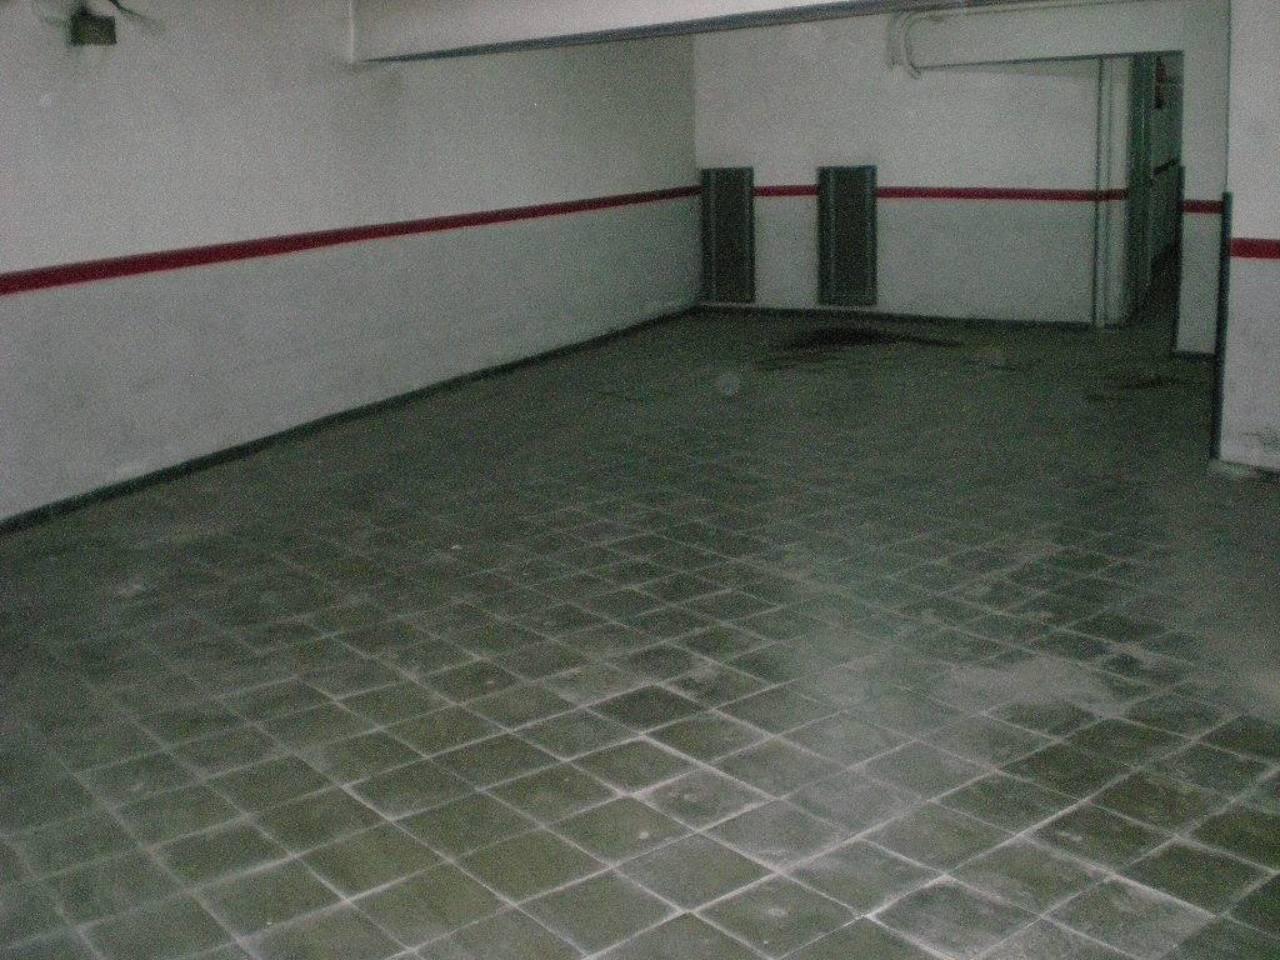 Aparcament cotxe  Zona passeig pere iii. Superf. 32 m², 3 plazas, subterráneo, cerrado, trastero.